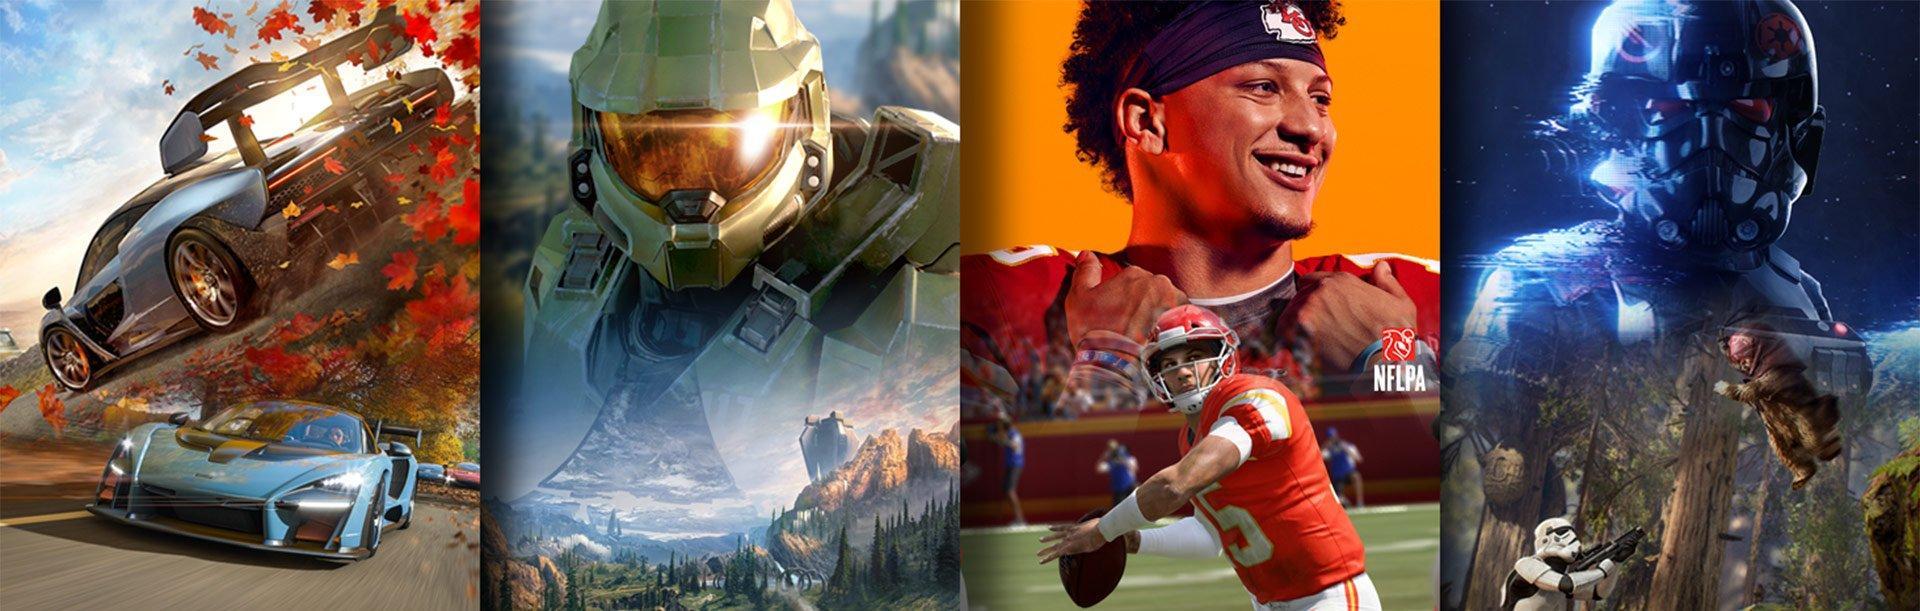 Xbox Game Pass Hero